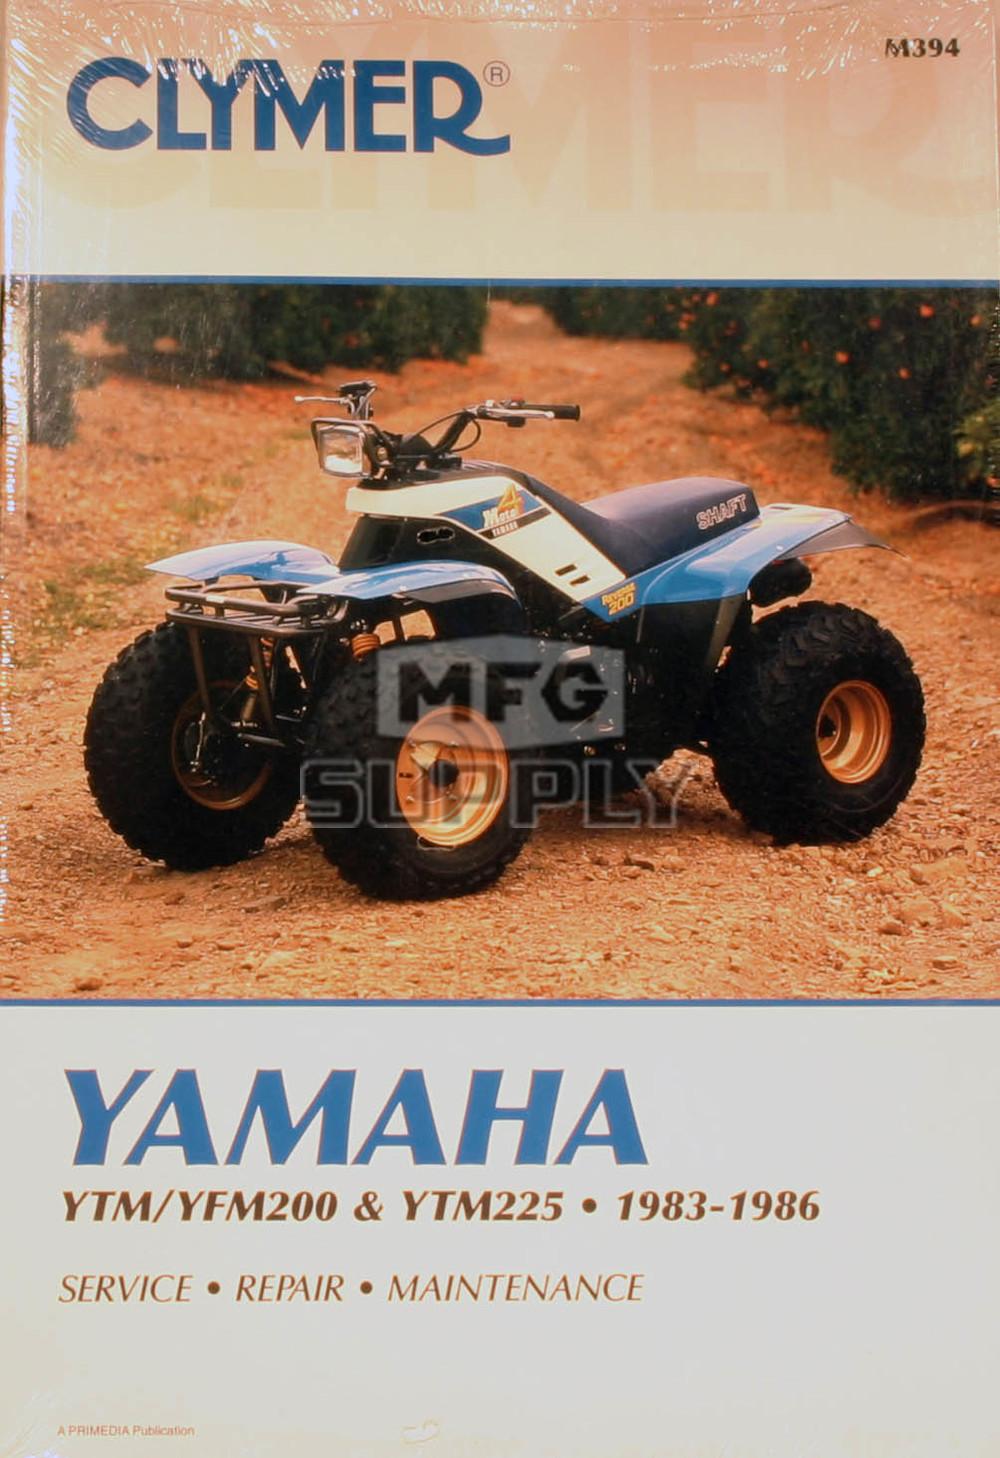 hight resolution of cm394 83 86 yamaha ytm yfm200 225 repair maintenance manual rh mfgsupply com 1985 yamaha 225